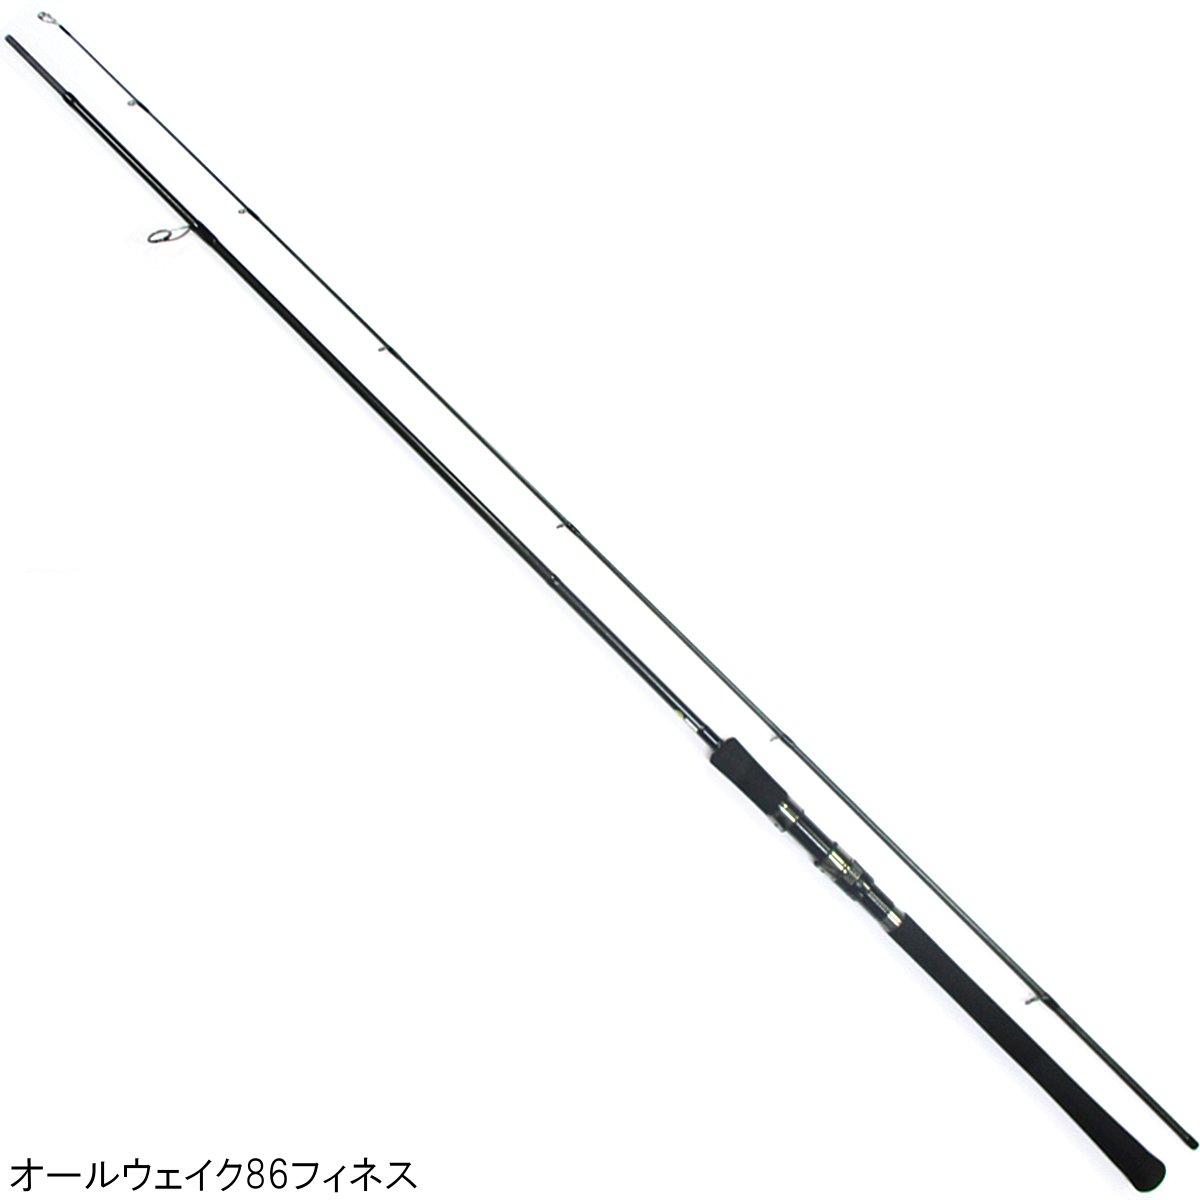 ジャンプライズ オールウェイク86フィネス【送料無料】